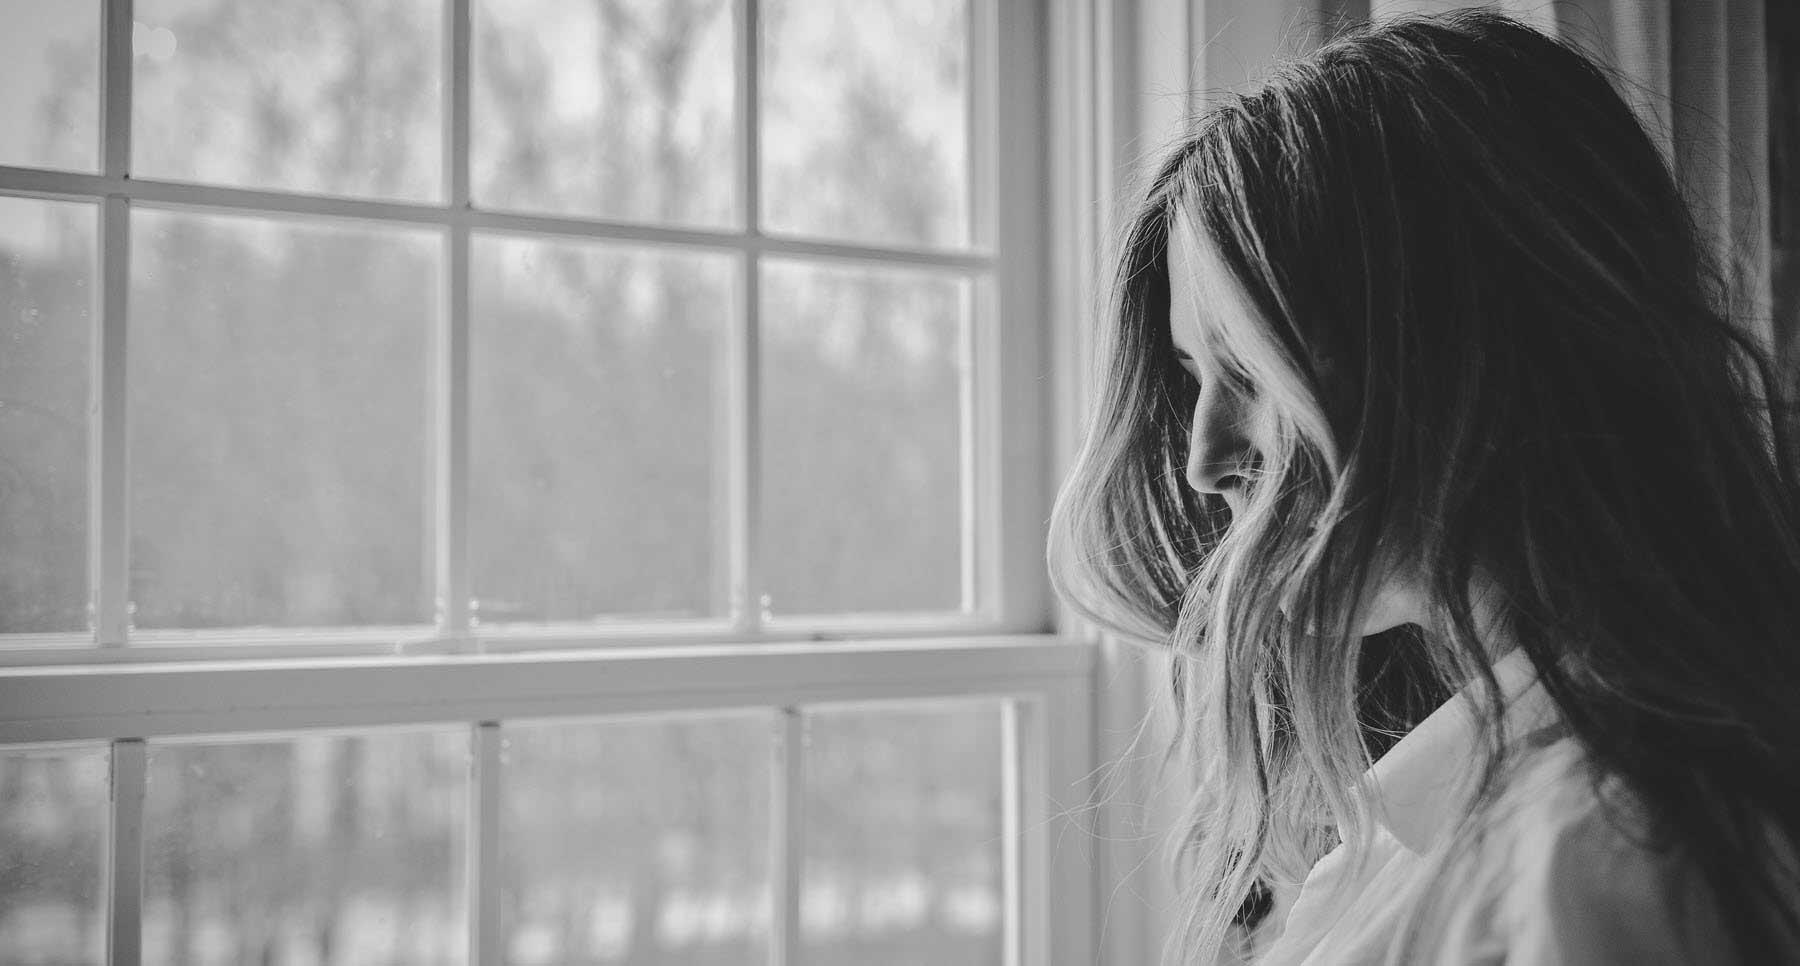 TheHopeLine-building-faith-how-prayer-helps-heartbreak